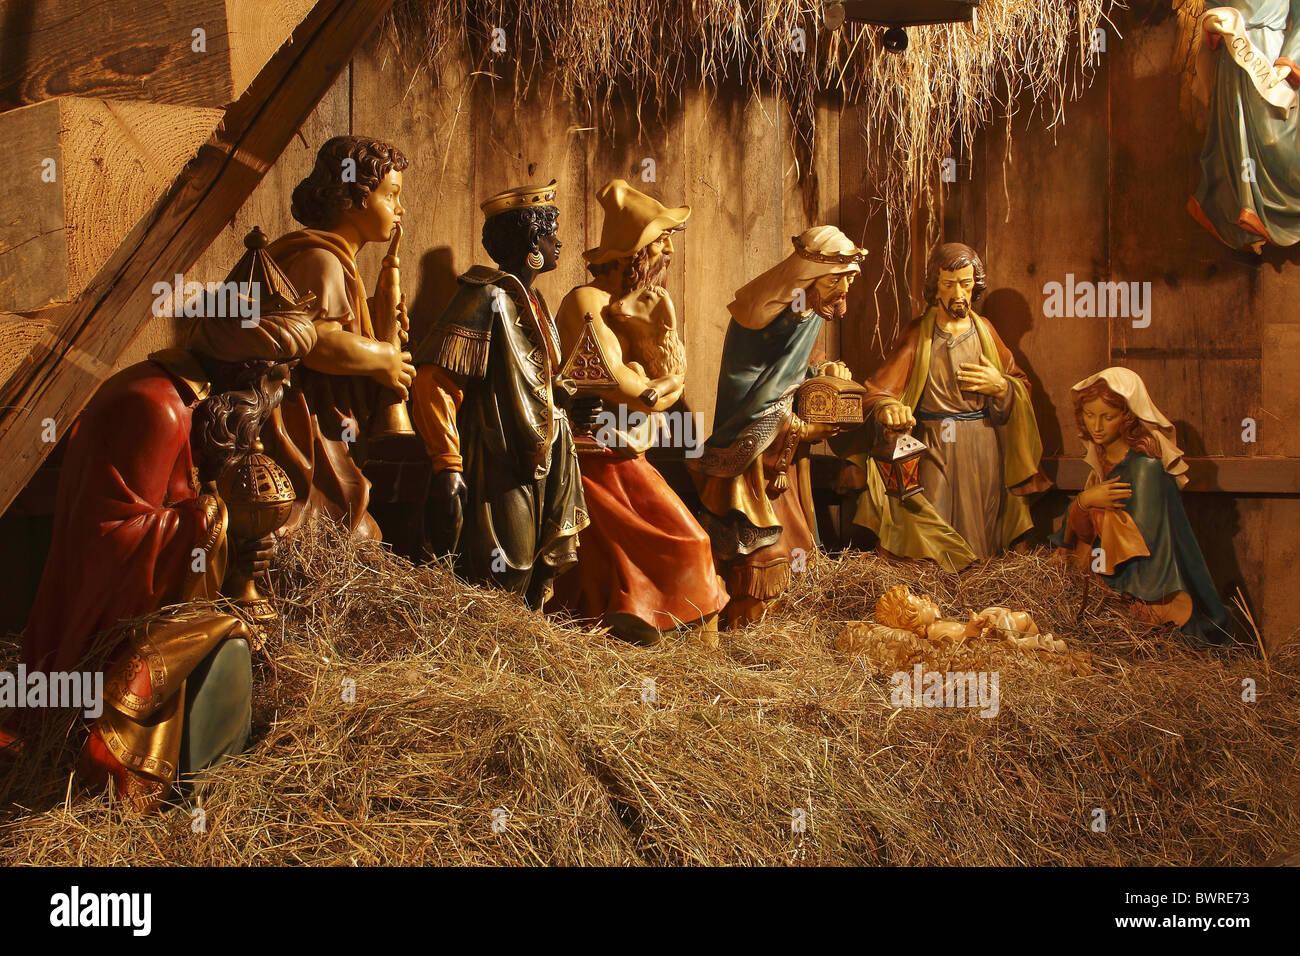 christmas nativity scene religion crib manger joseph mary caspar melchior balthasar shepherds hay figures stock - Christmas Nativity Scenes